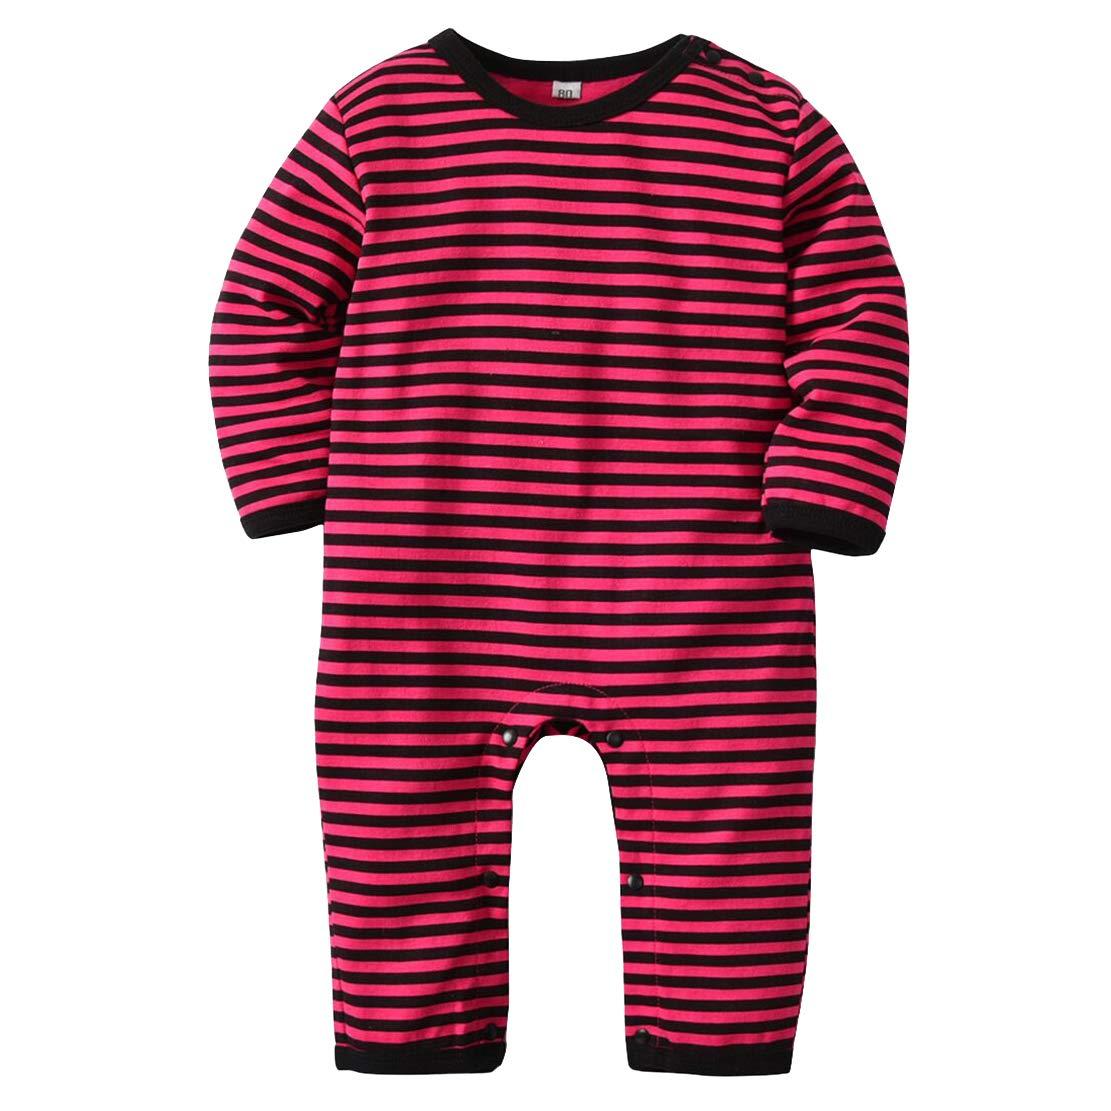 Cappello 3 pezzi Travestimenti Halloween Costume Coccinella Neonato Pagliaccetto Gilet Sets Rosso Abbigliamento Invernale per Bambino Bambina//80cm